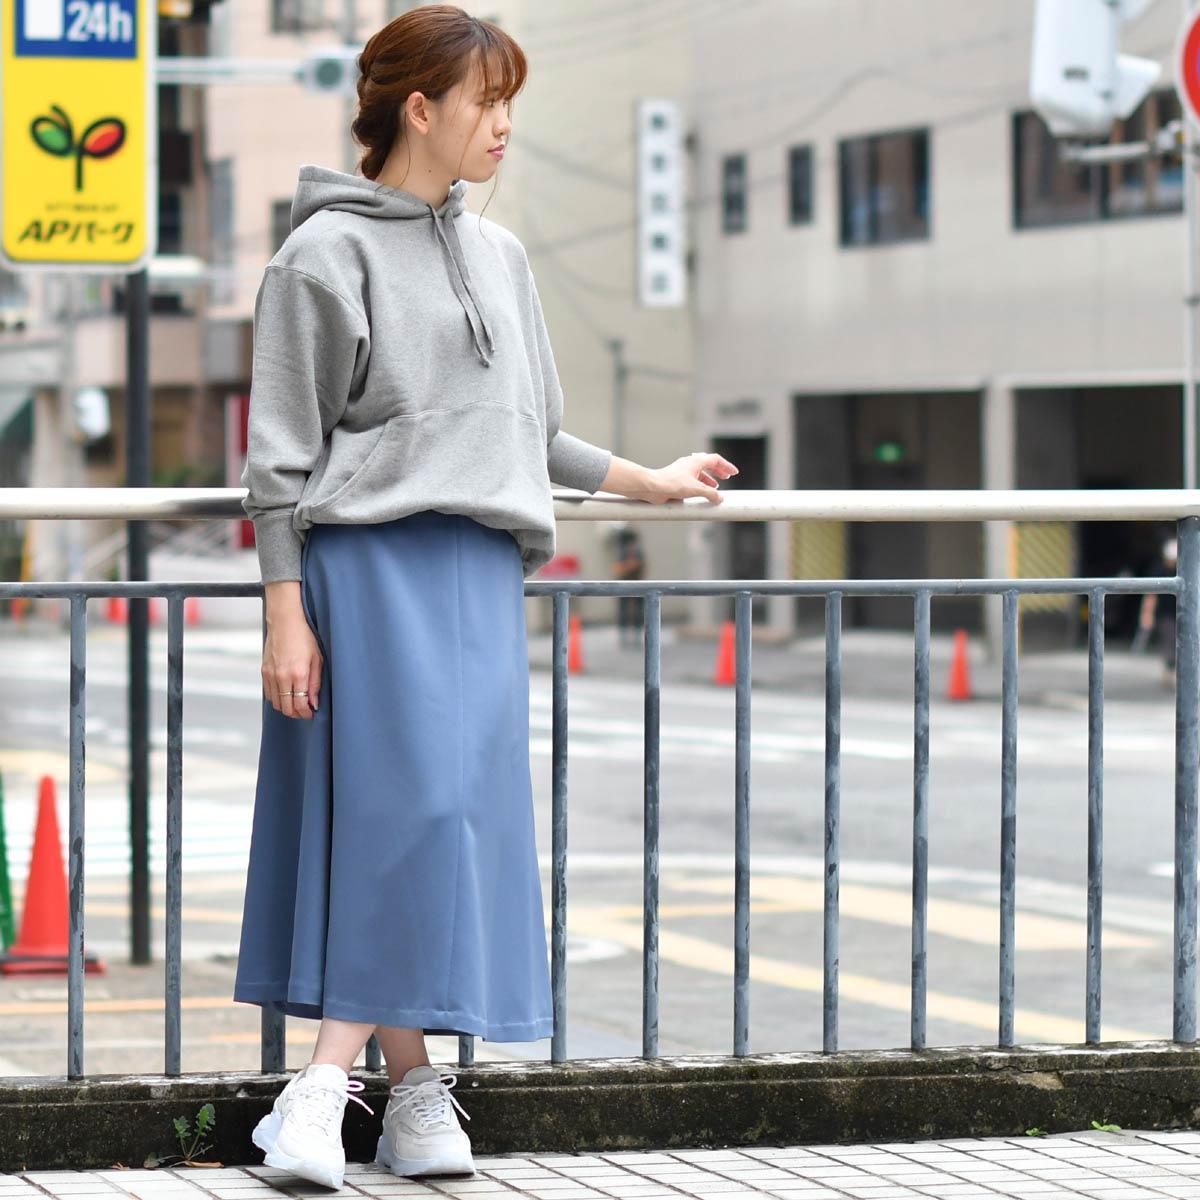 INCOTEX【インコテックス】サテンフレアスカート ANNA J4558 810 ポリエステル ブルー